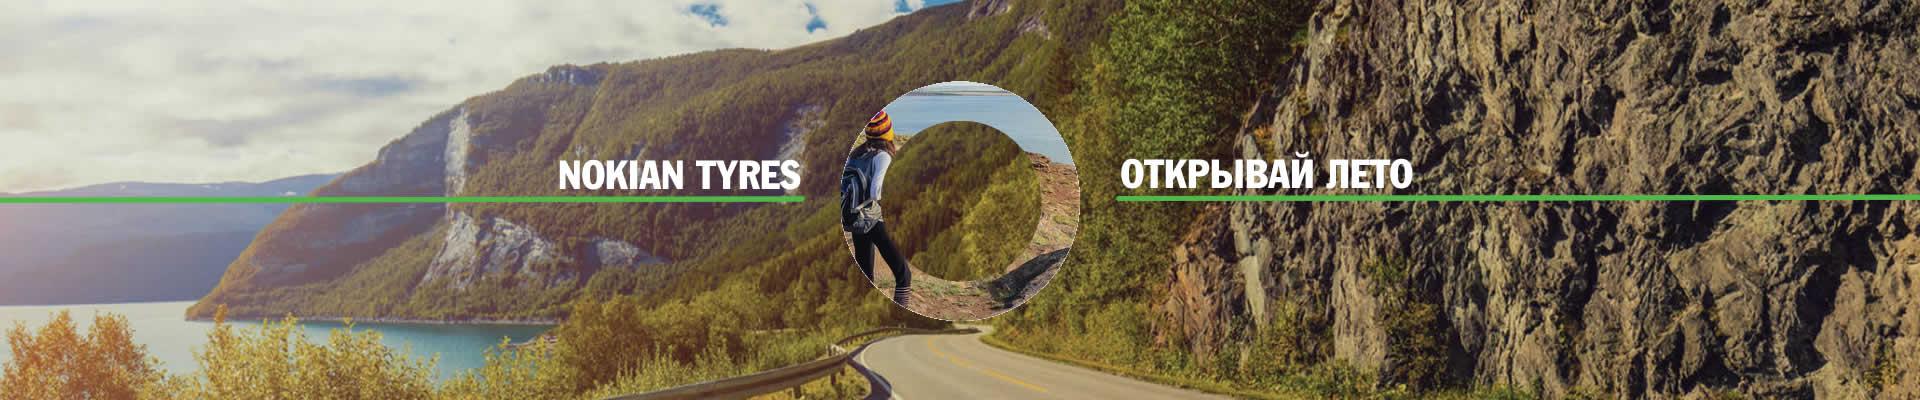 Nokian Tyres - Открывай лето